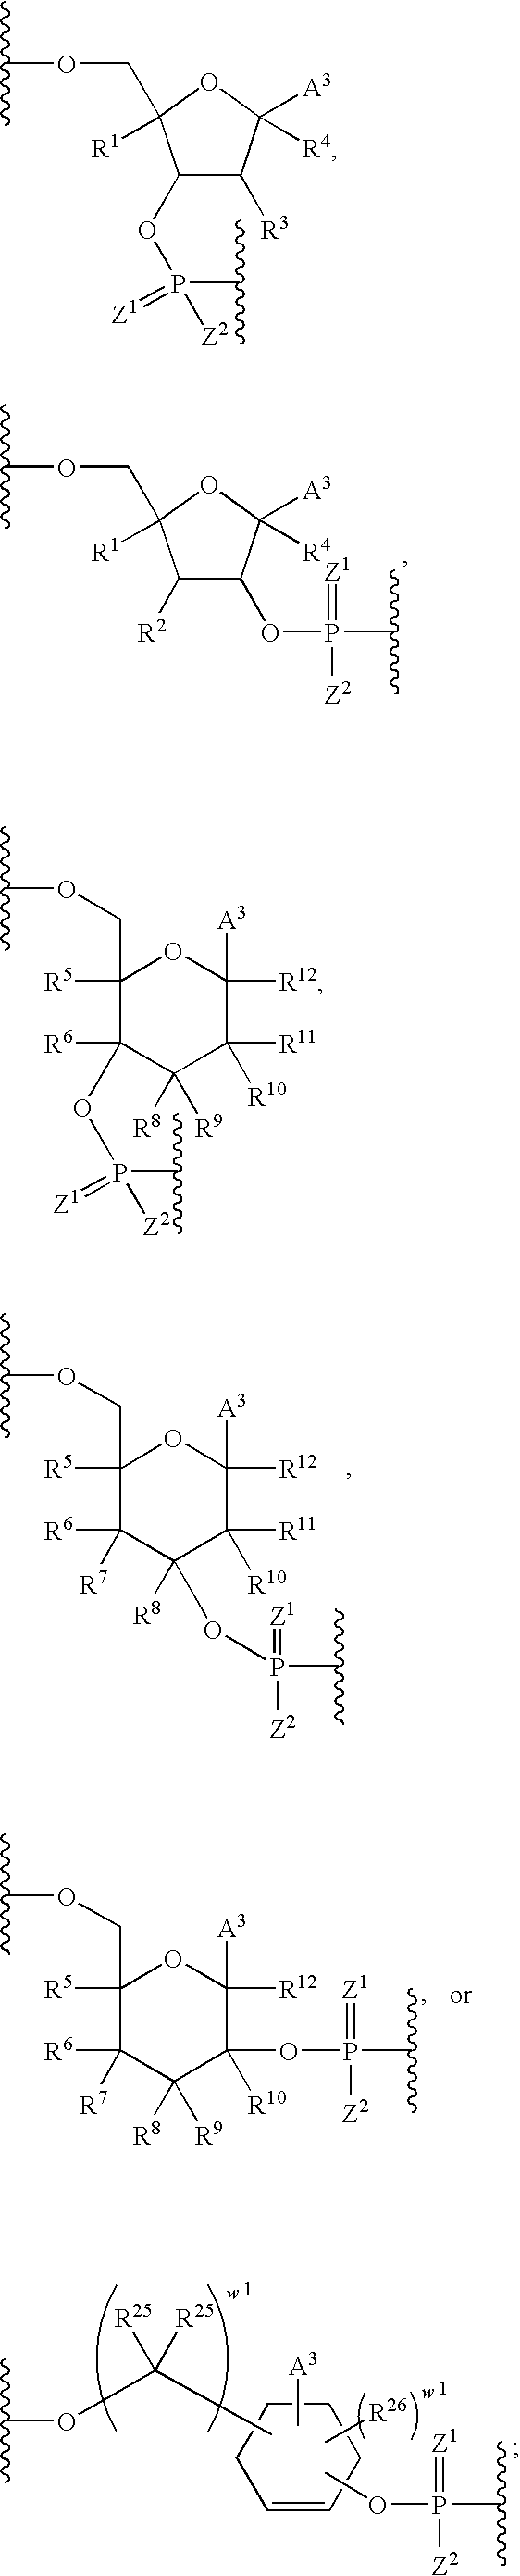 Figure US07772387-20100810-C00005